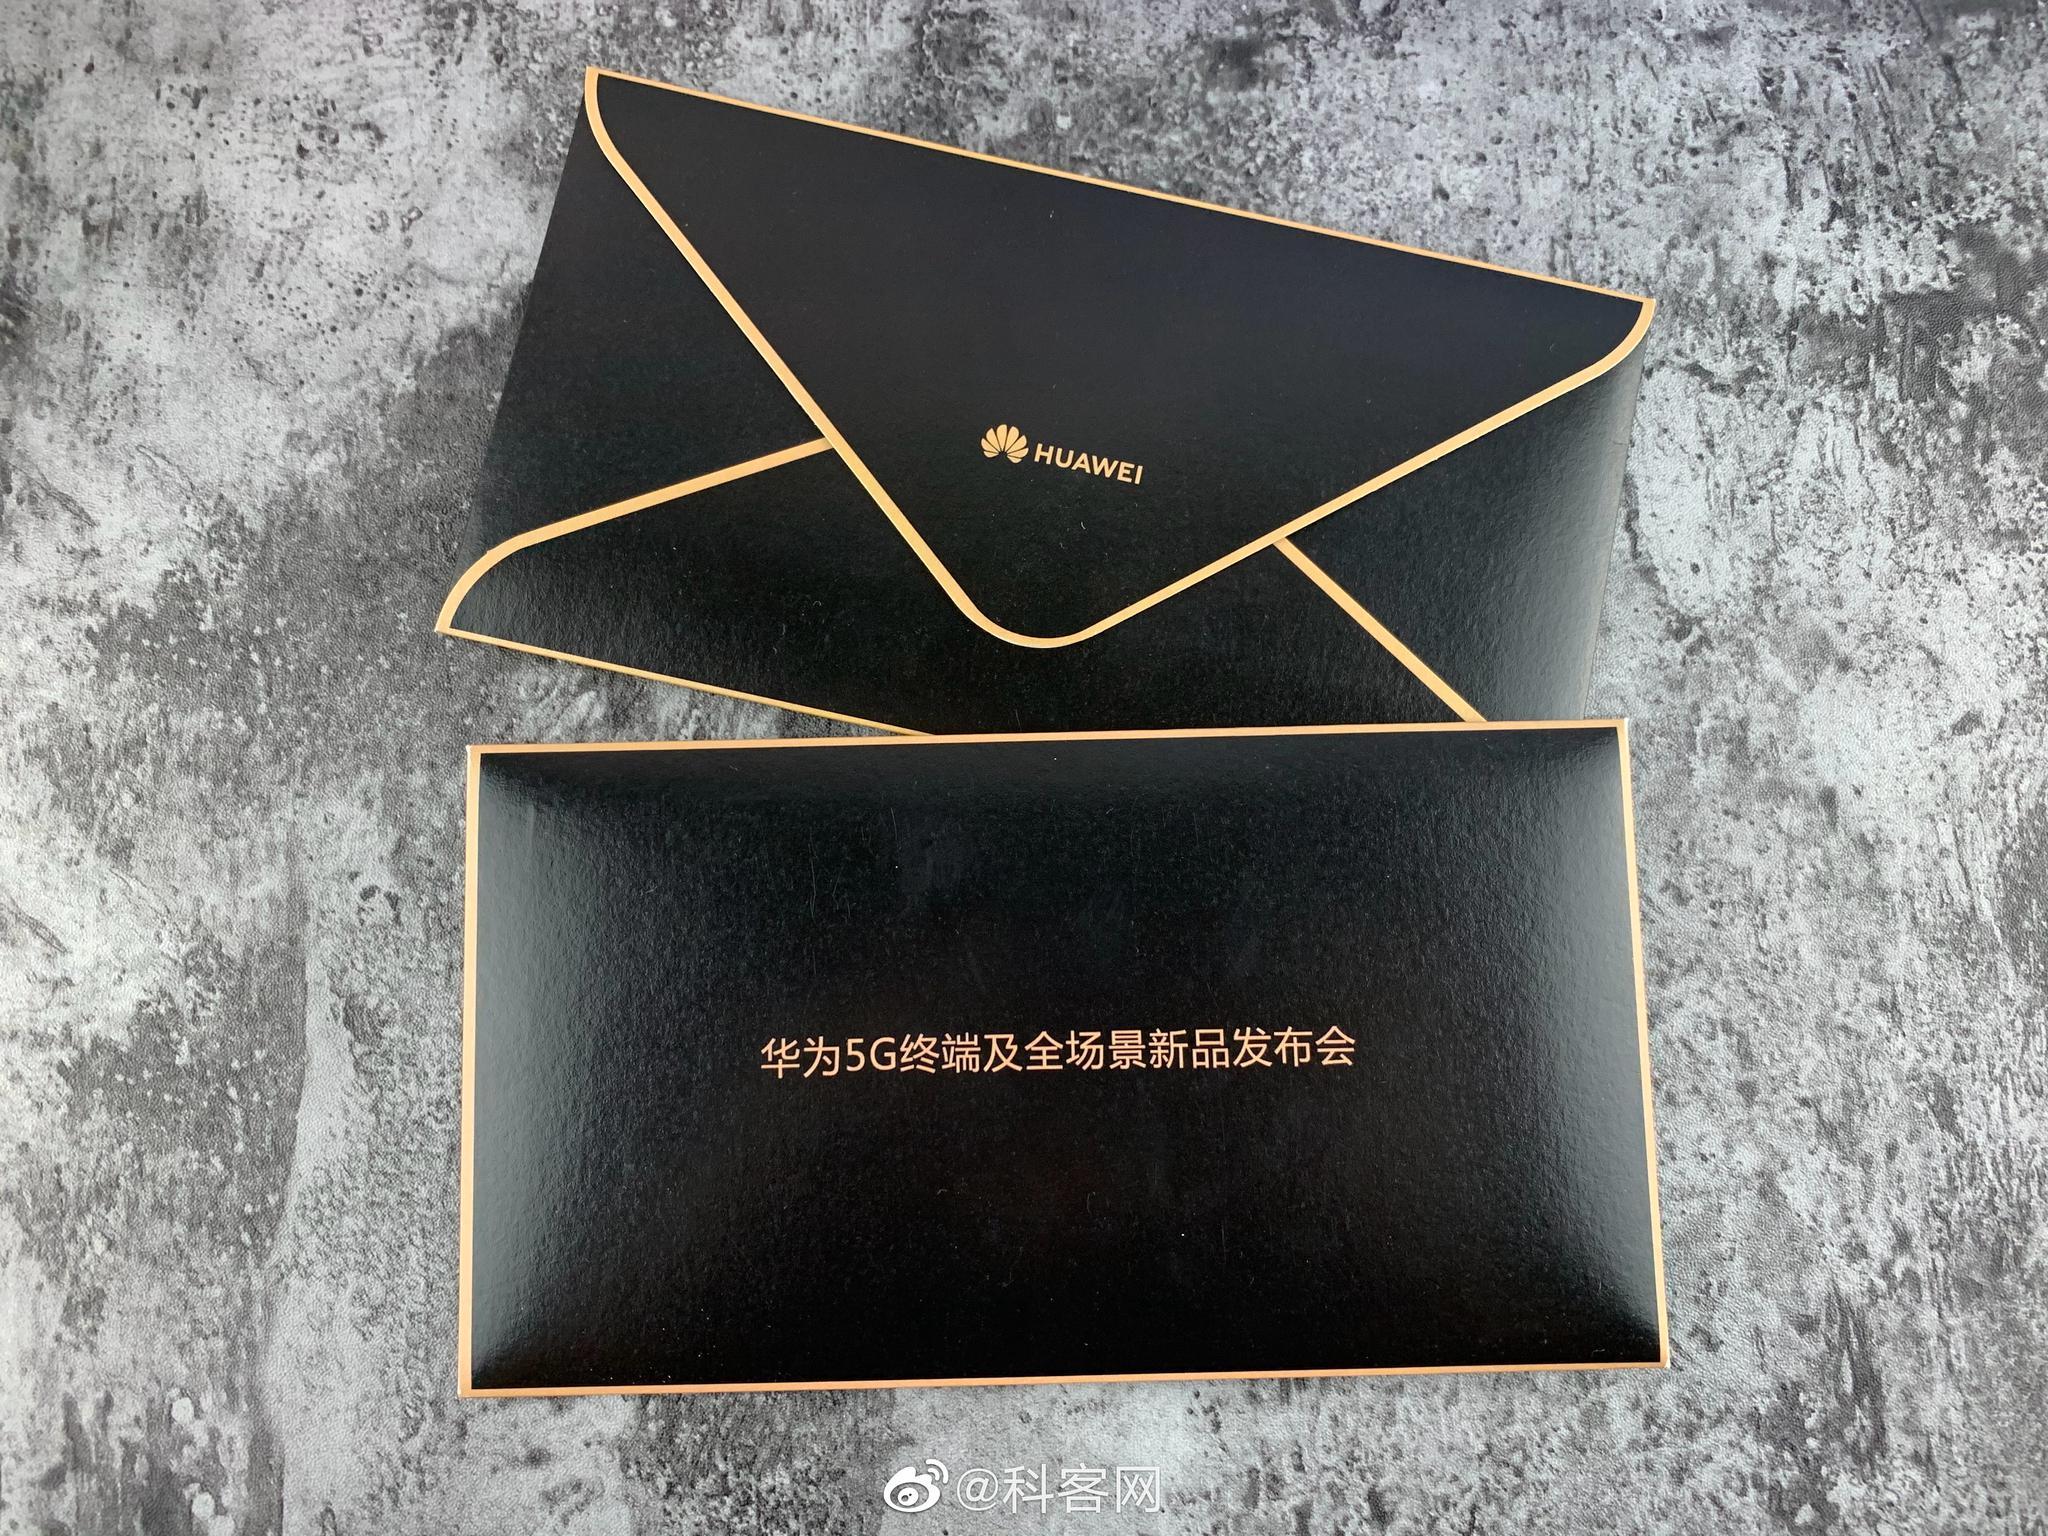 华为5G终端及全场景新品发布会,10月23日深圳见